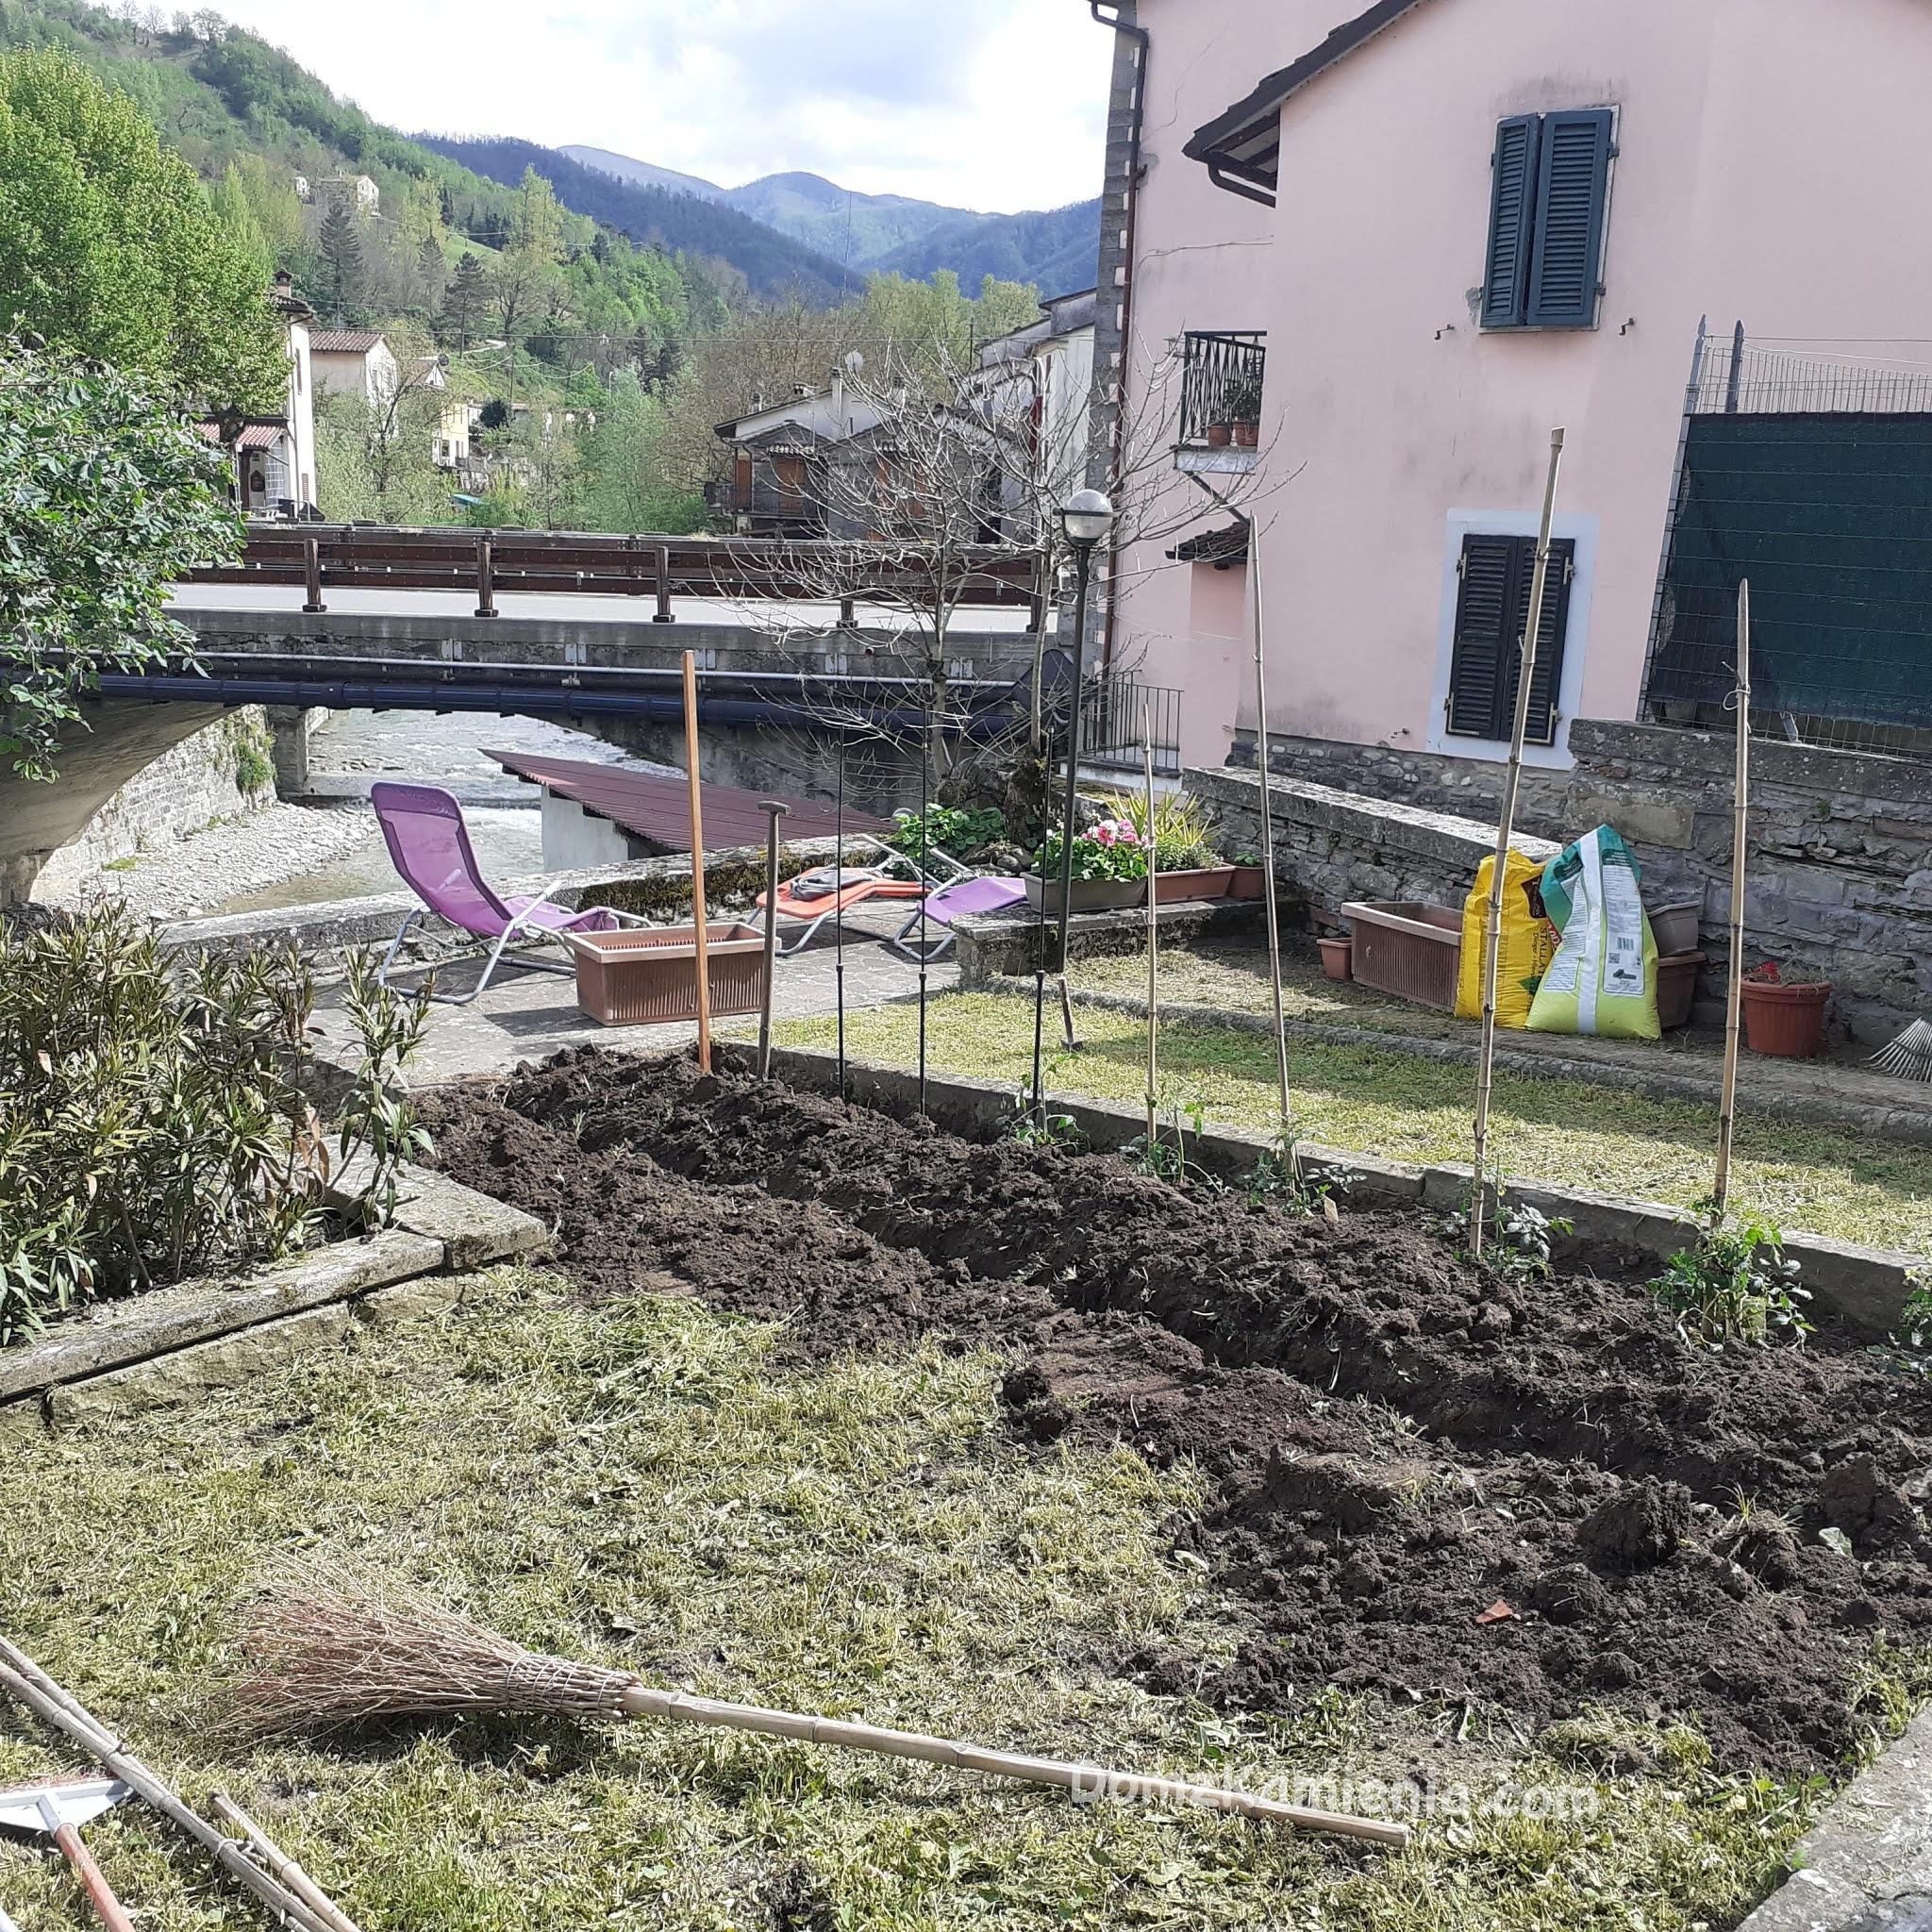 Dom z Kamienia, blog o życiu w Toskanii